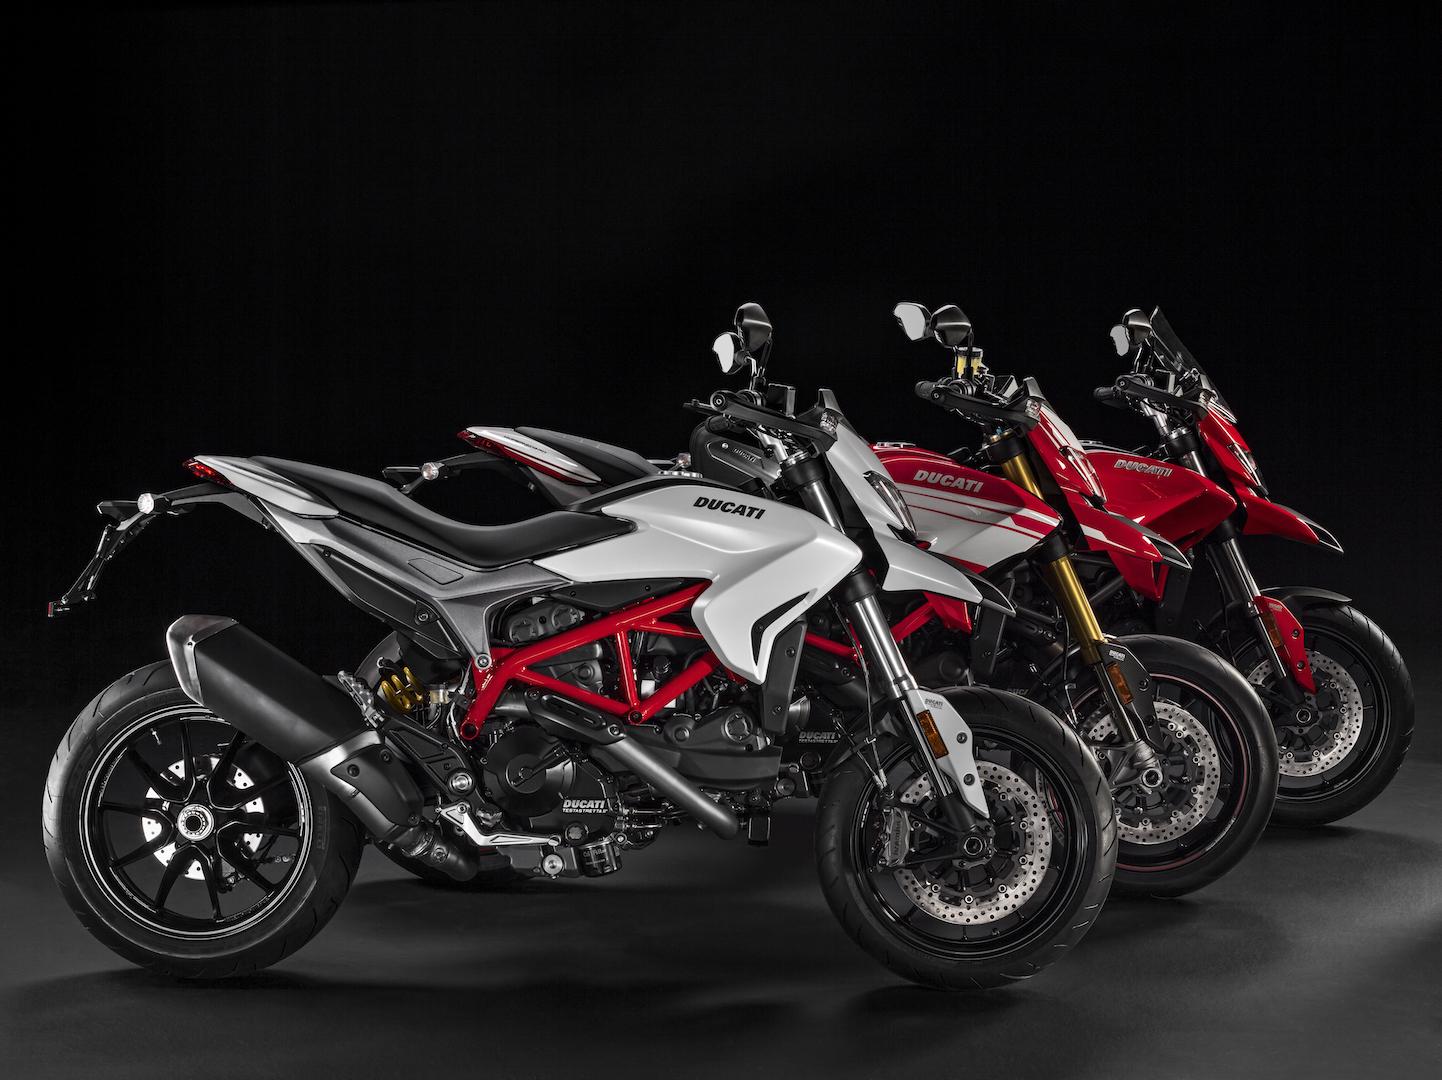 Trực tiếp tường thuật lễ ra mắt 3 dòng xe bí ẩn của Ducati 11